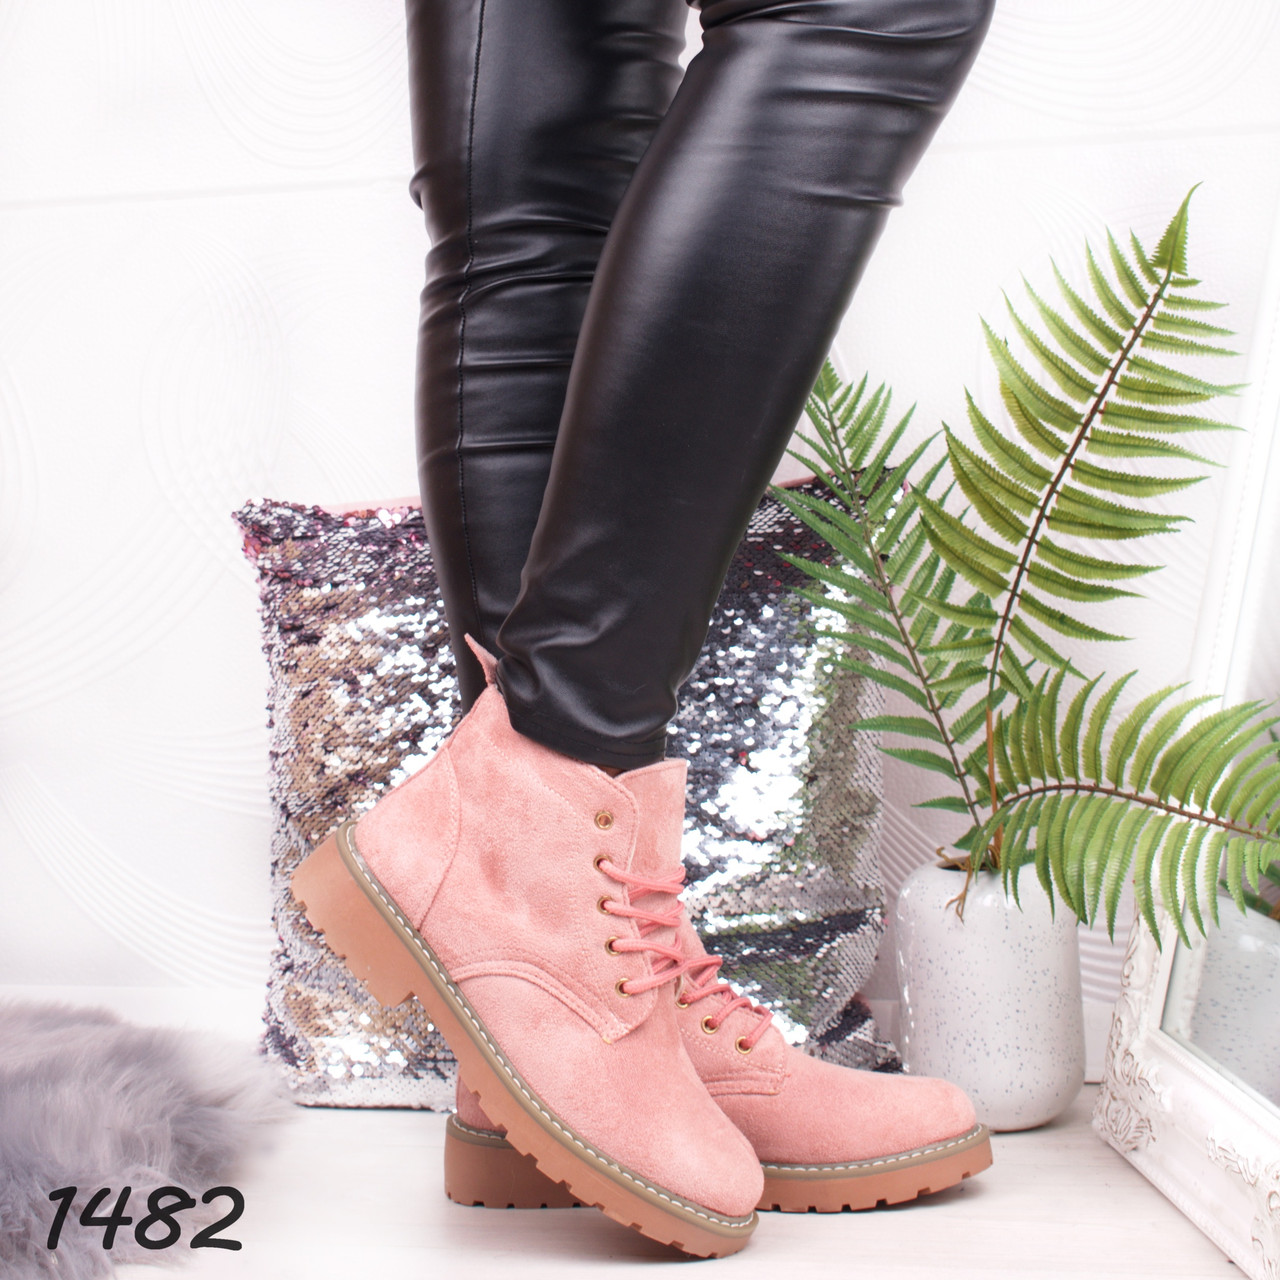 8403ce56 Женские зимние ботинки Timberland розовые ( Реплика) - купить по ...